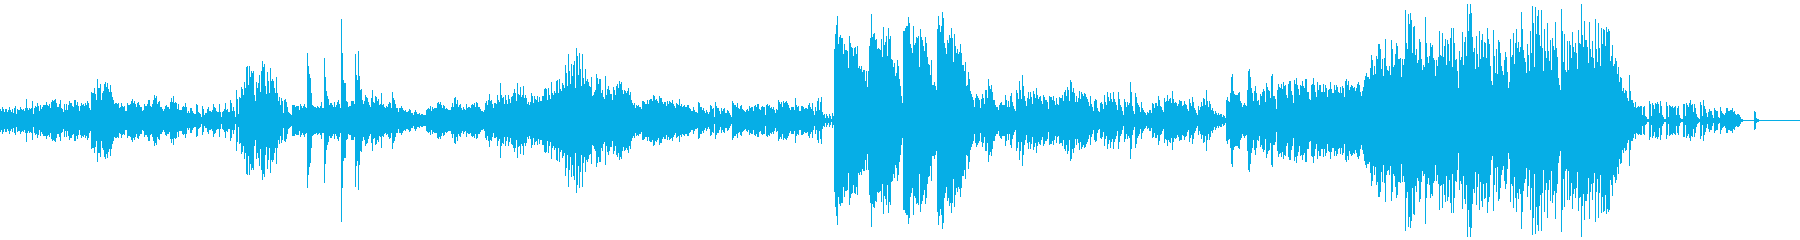 ドビュッシー ベルガマスク2 メヌエットの再生済みの波形